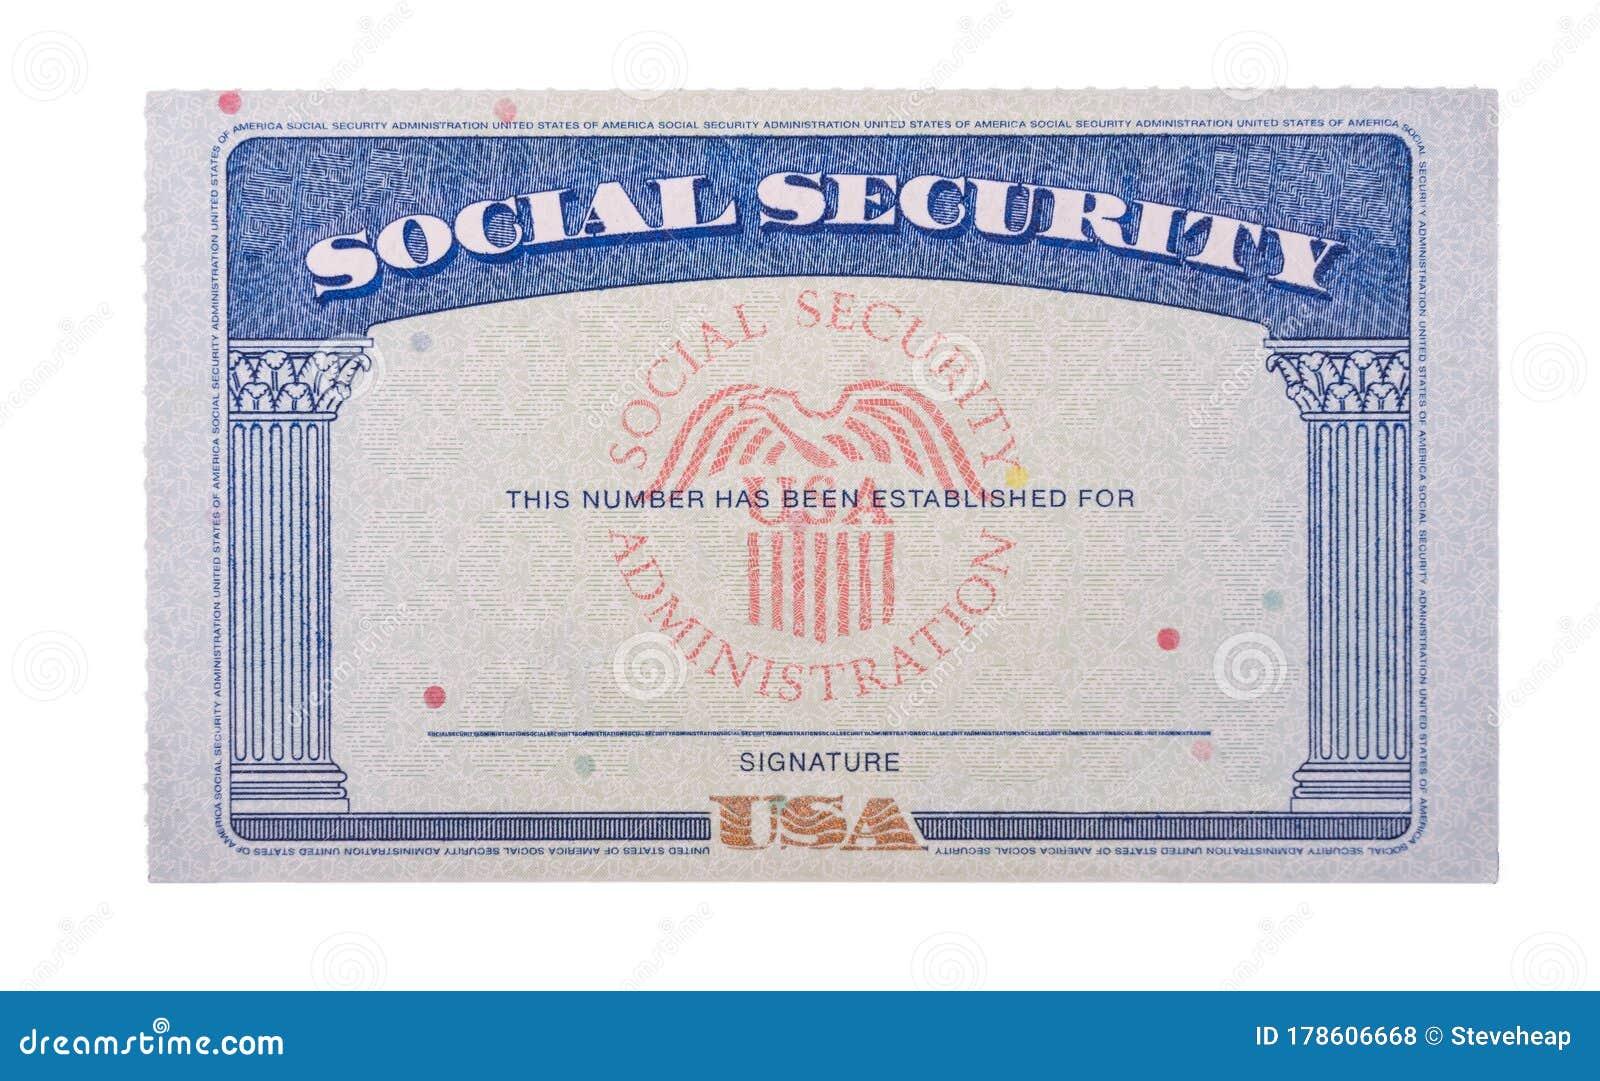 21 Blank Social Security Card Photos - Free & Royalty-Free Stock Inside Editable Social Security Card Template